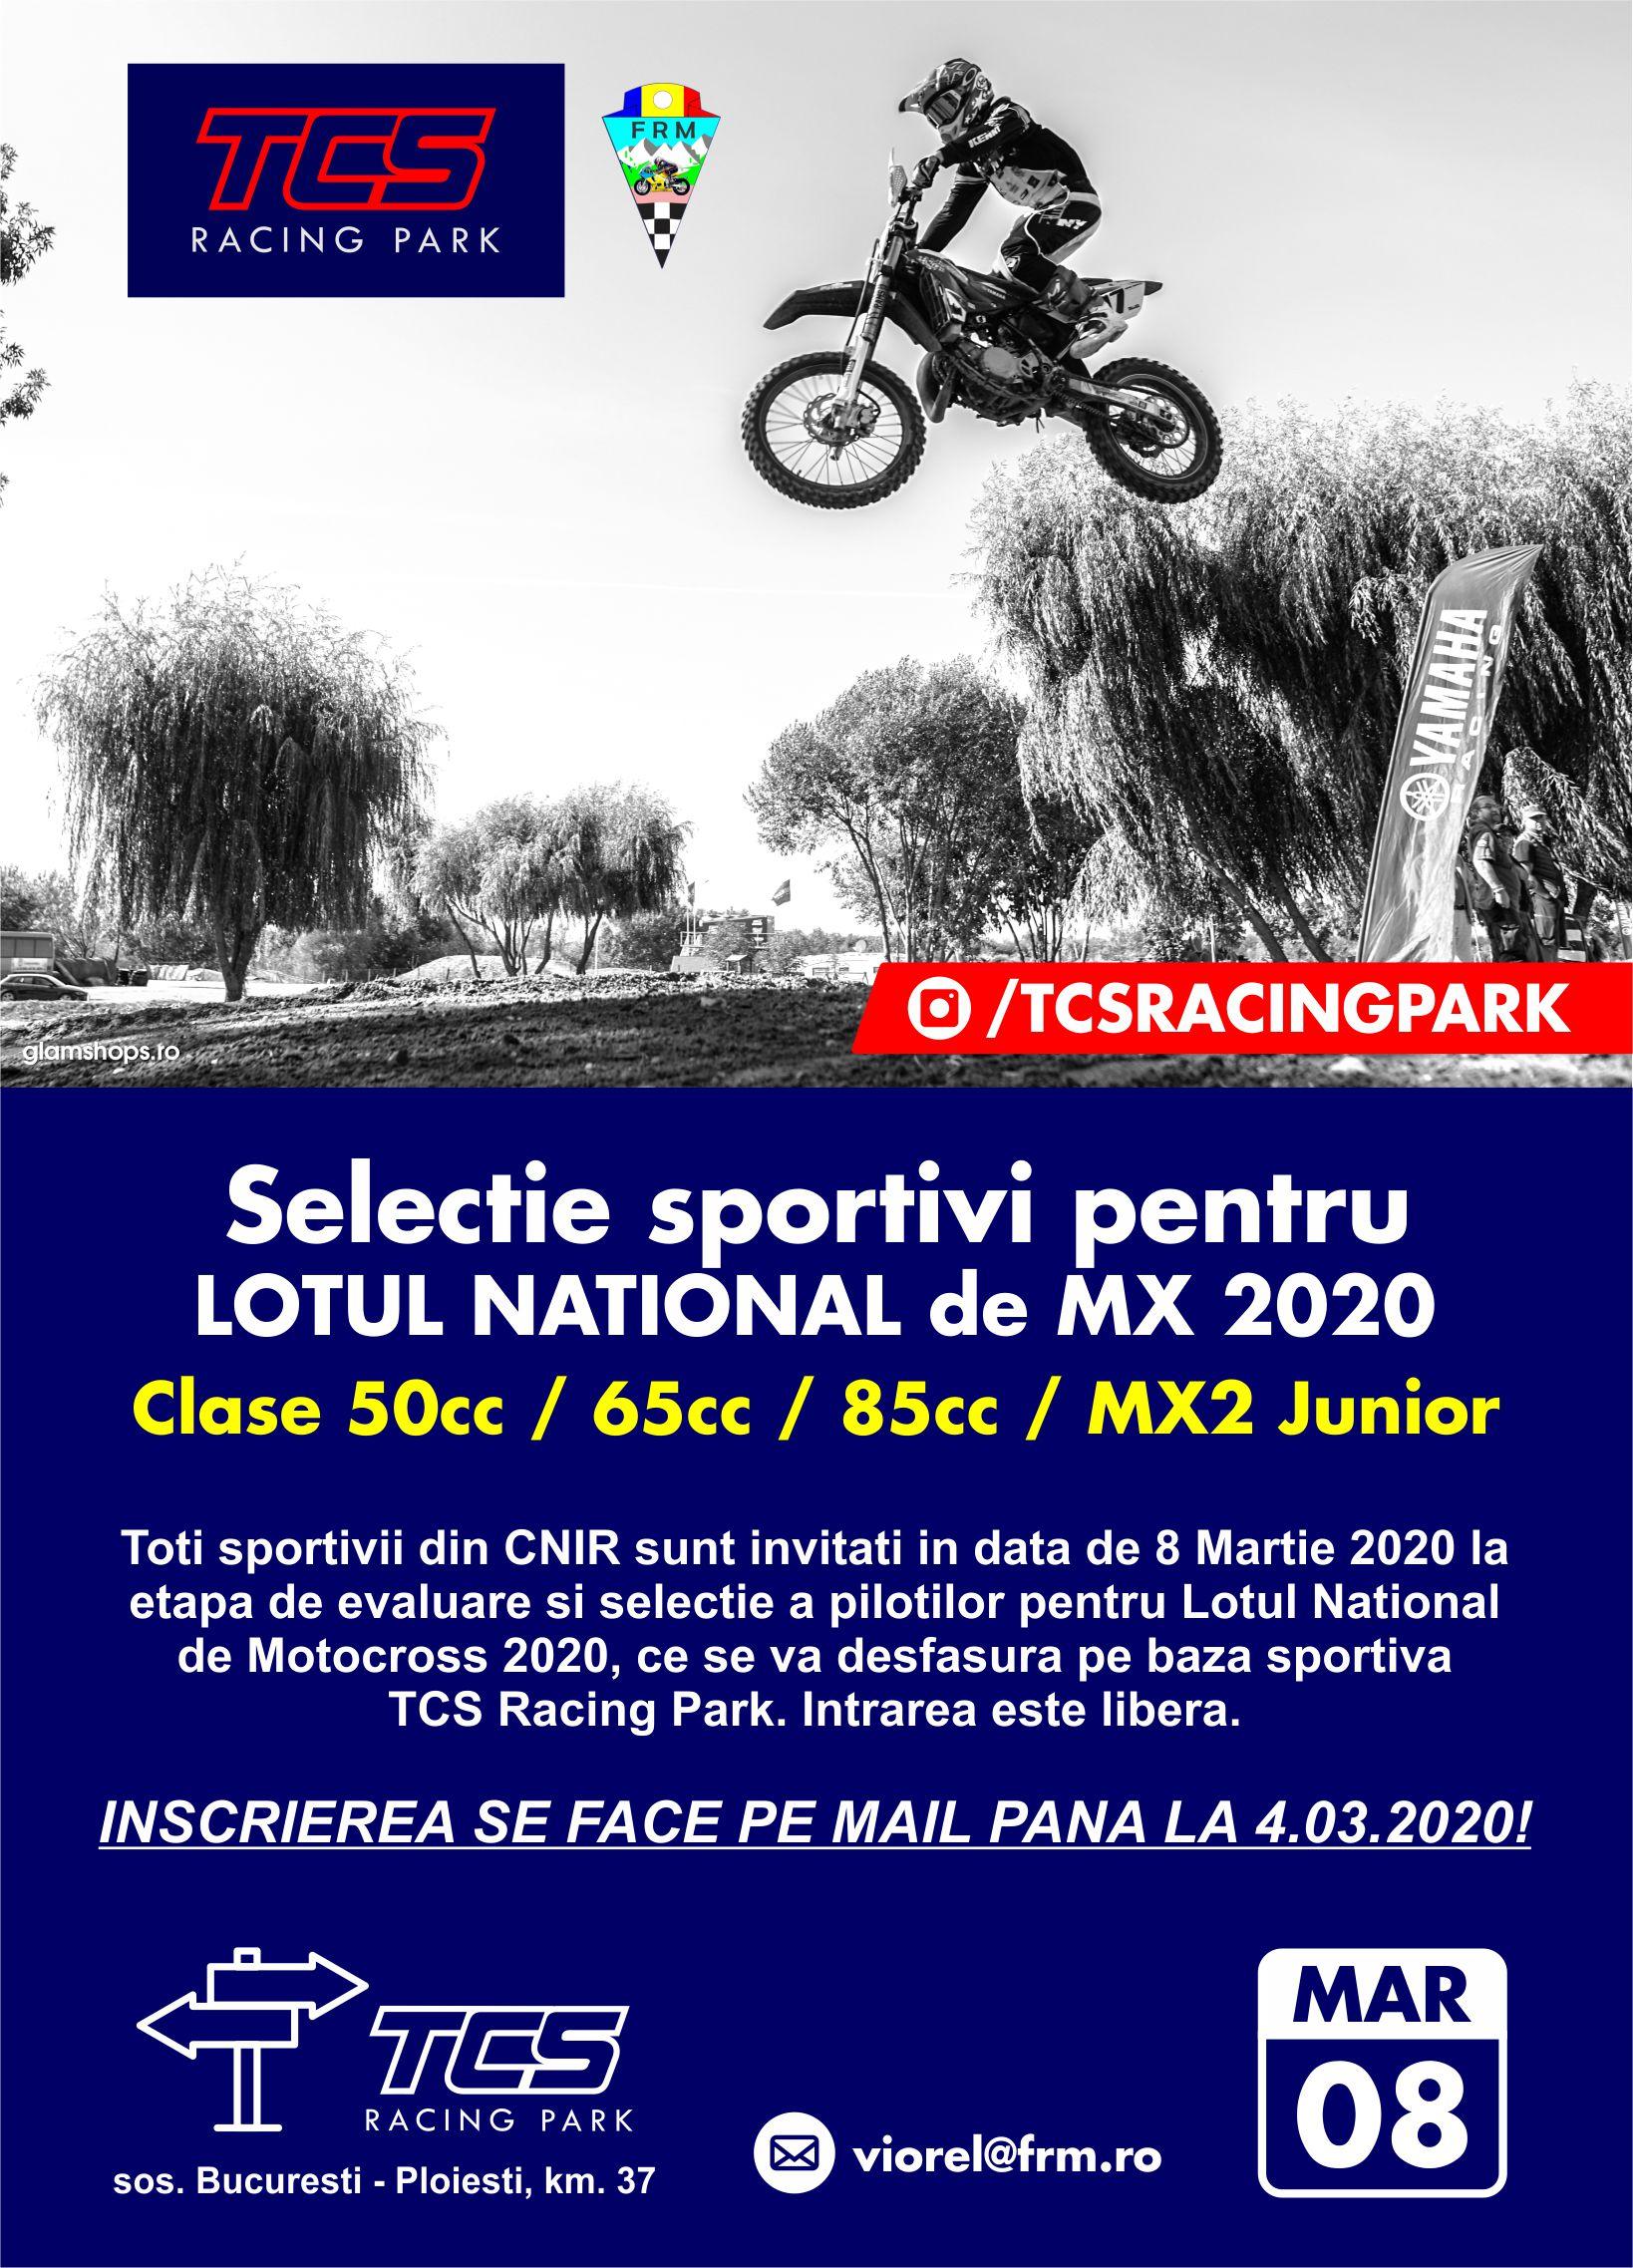 Antrenamentele și selecția pentru lotul național de motocross se fac pe TCS Racing Park